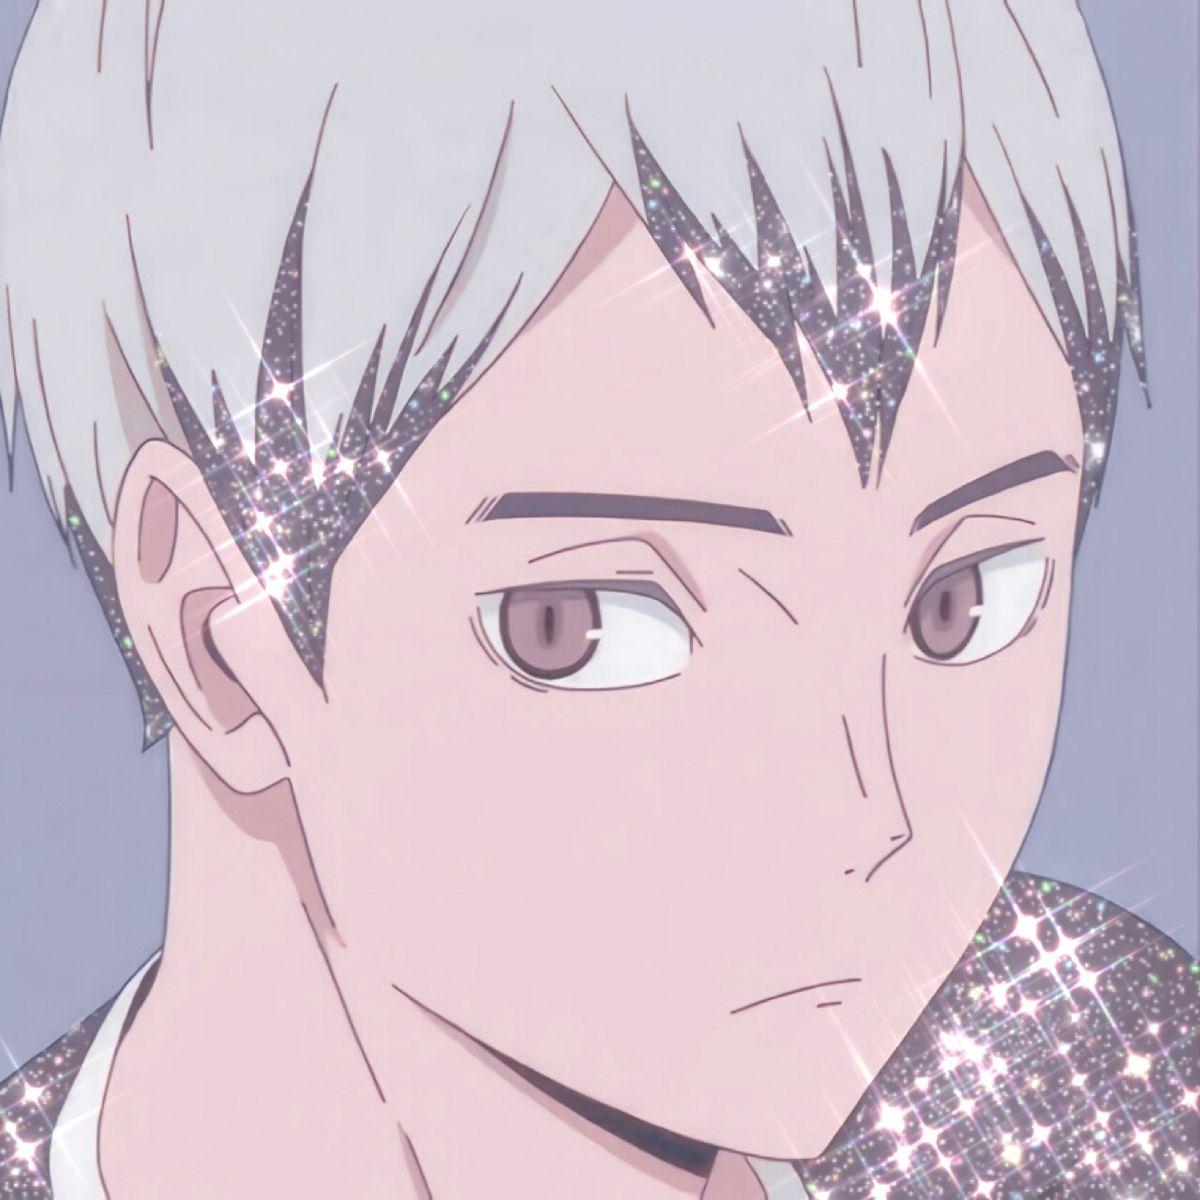 Haikyuu Kita Shinsuke Icon Haikyuu Anime Anime Haikyuu